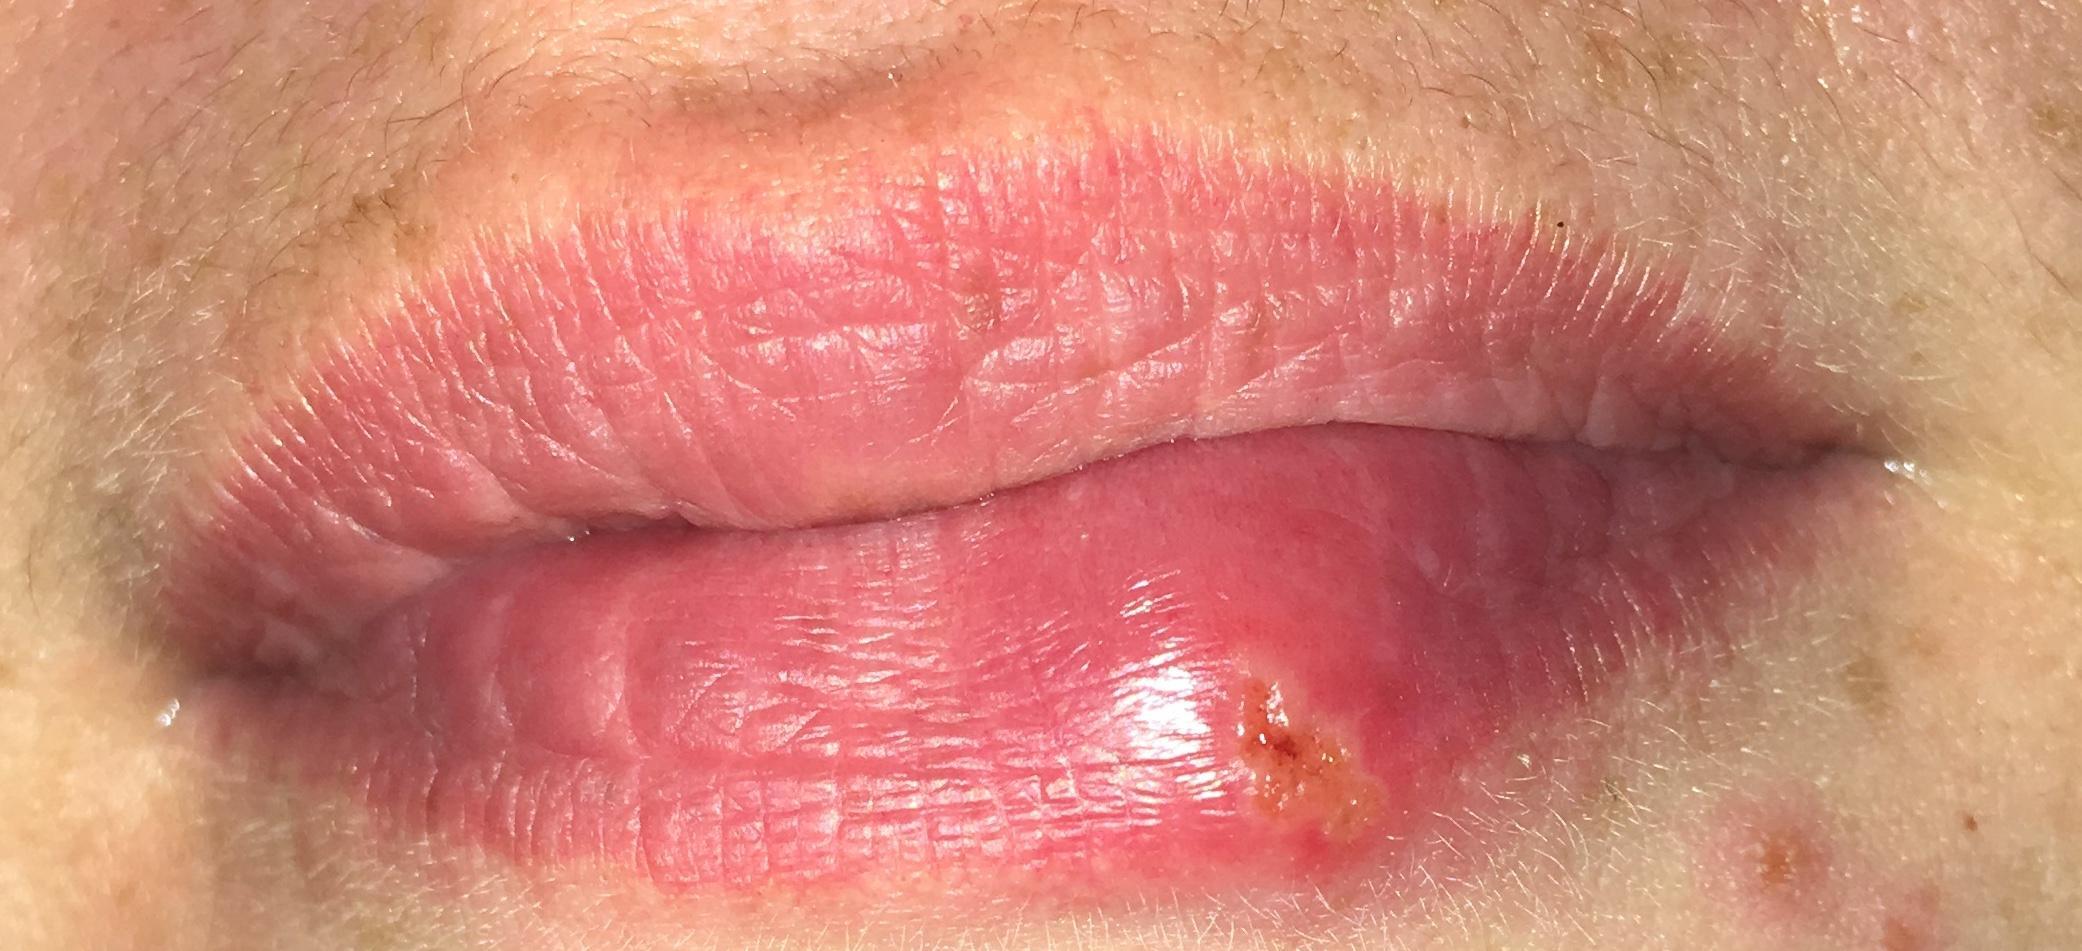 Was ist das an der Lippe? Herpes oder Abszess? (Gesundheit